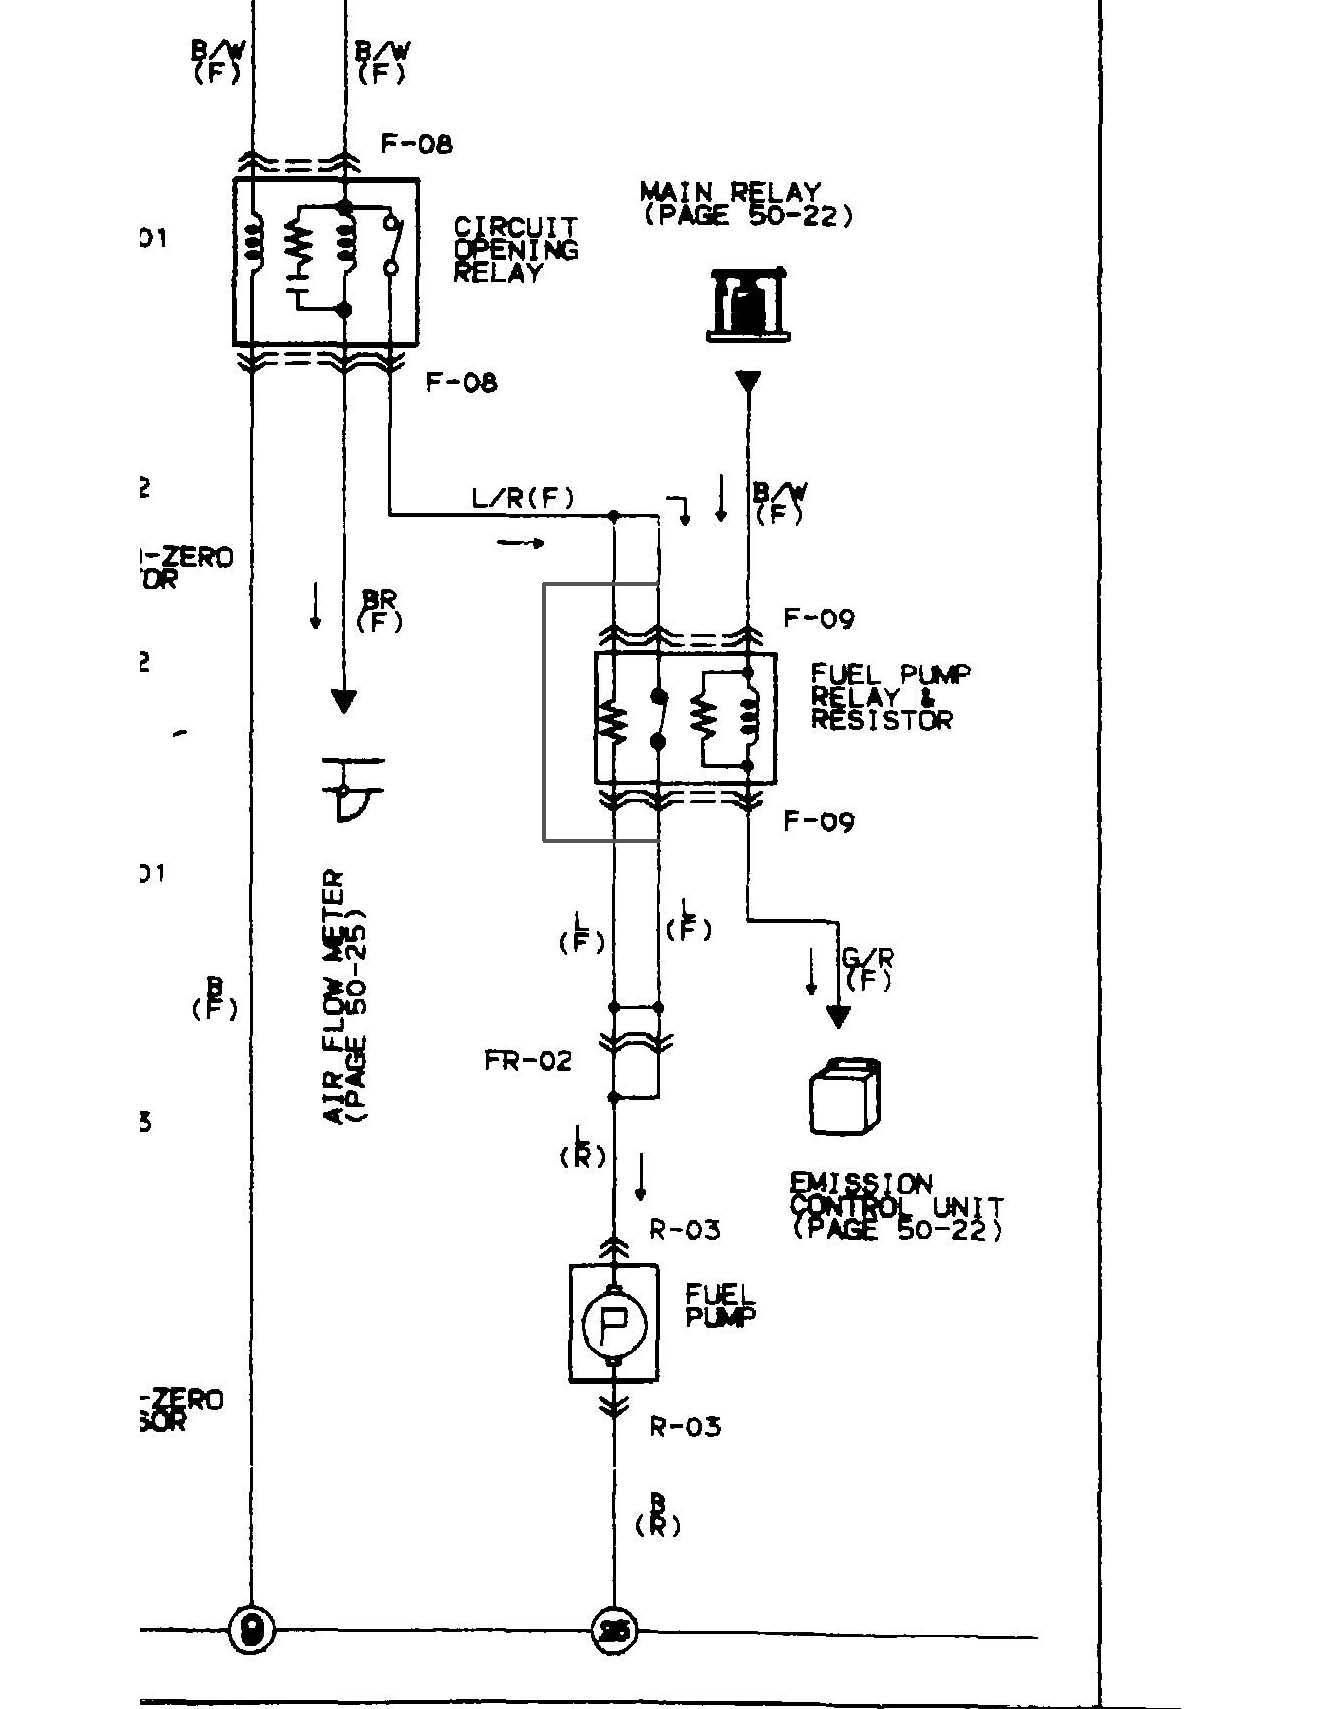 1987 mazda b2000 radio wiring diagram